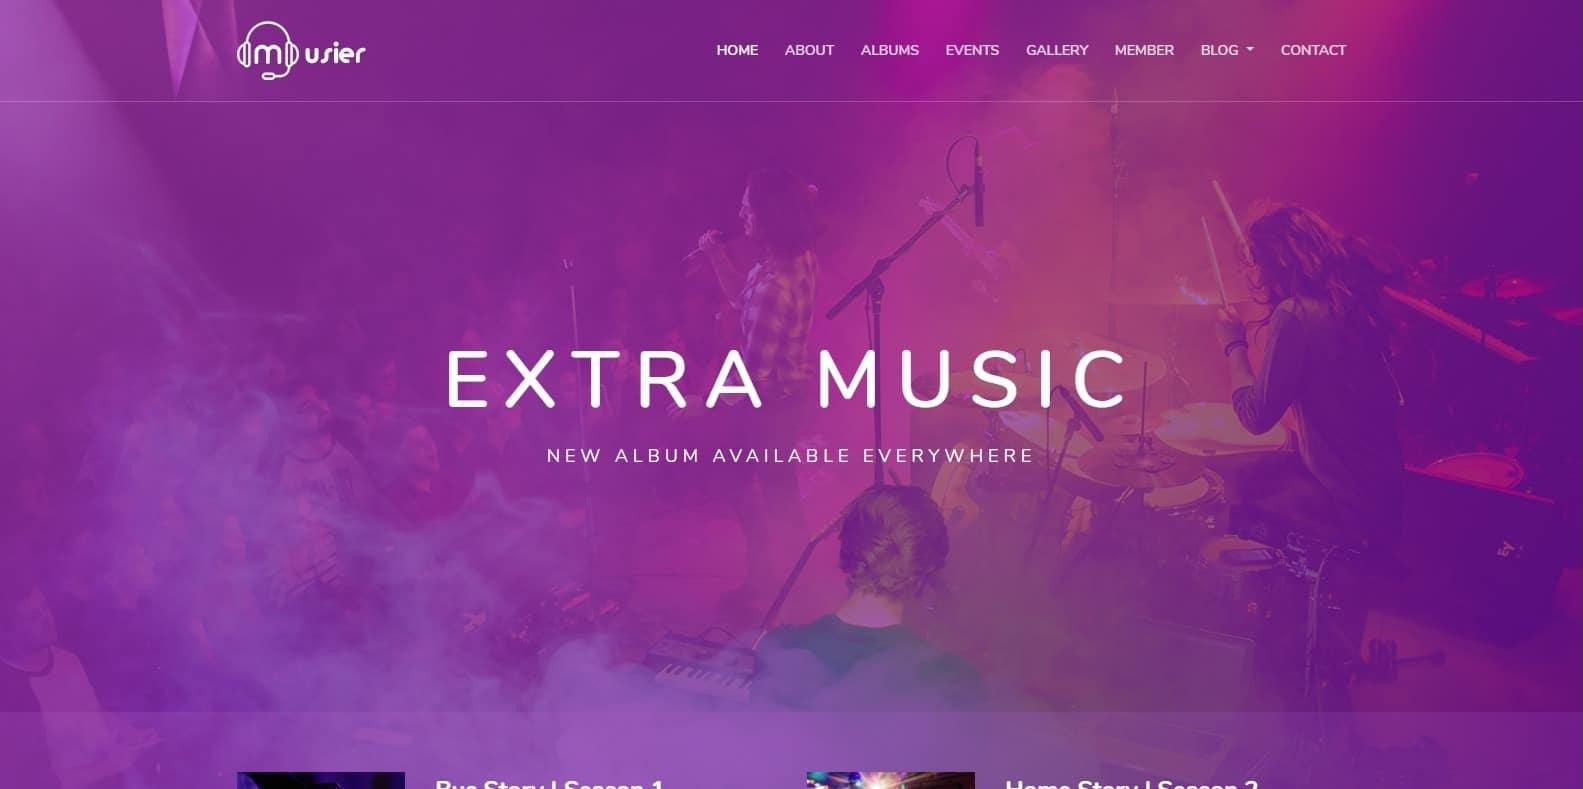 musier-html-music-website-template